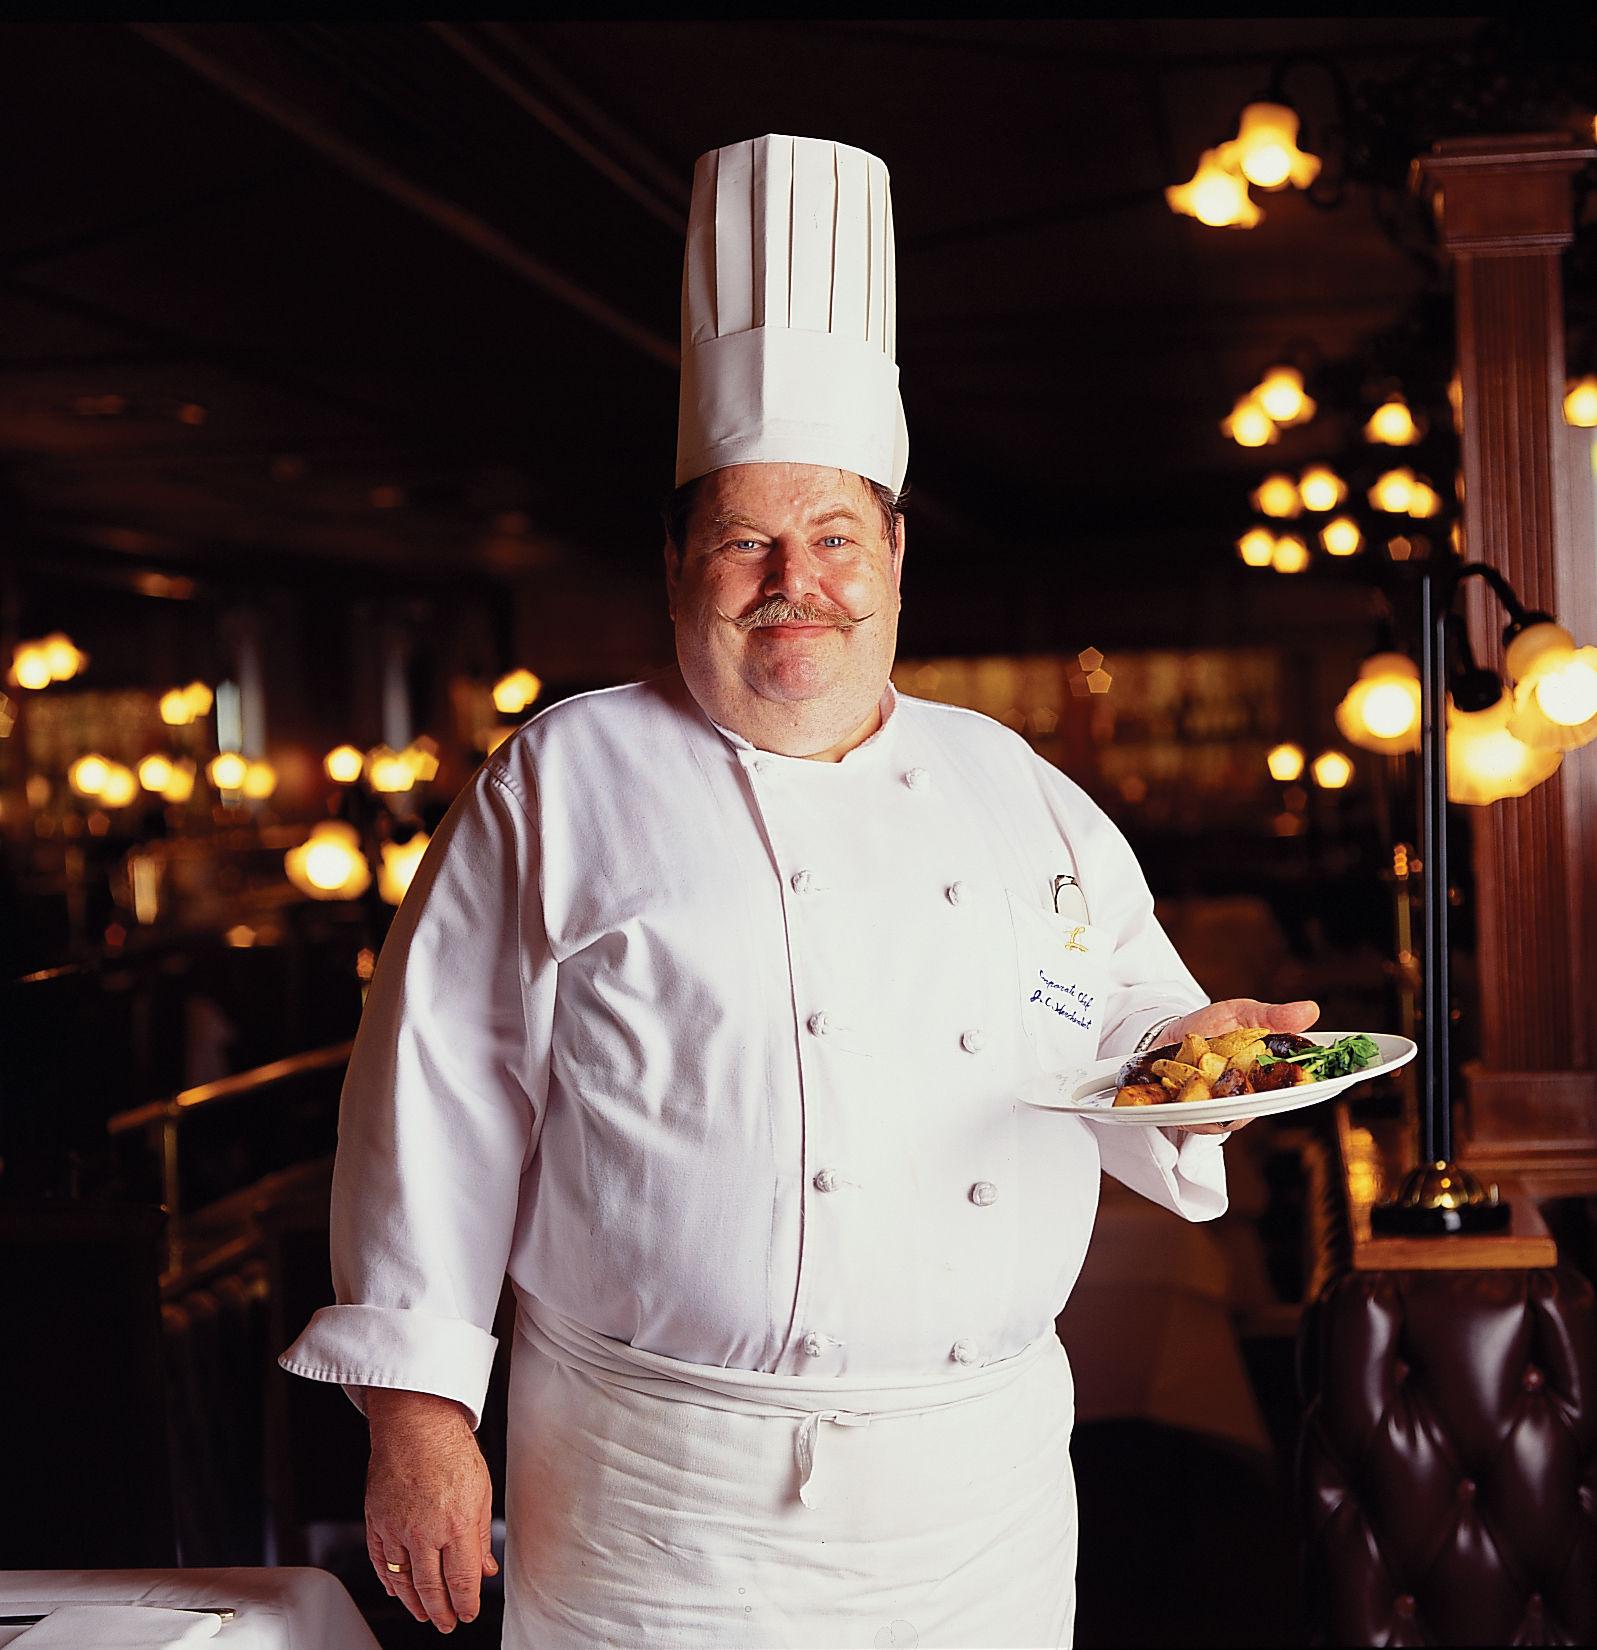 亞都麗緻大飯店巴賽麗廳客座主廚Chef Jean-Claude Herchembert